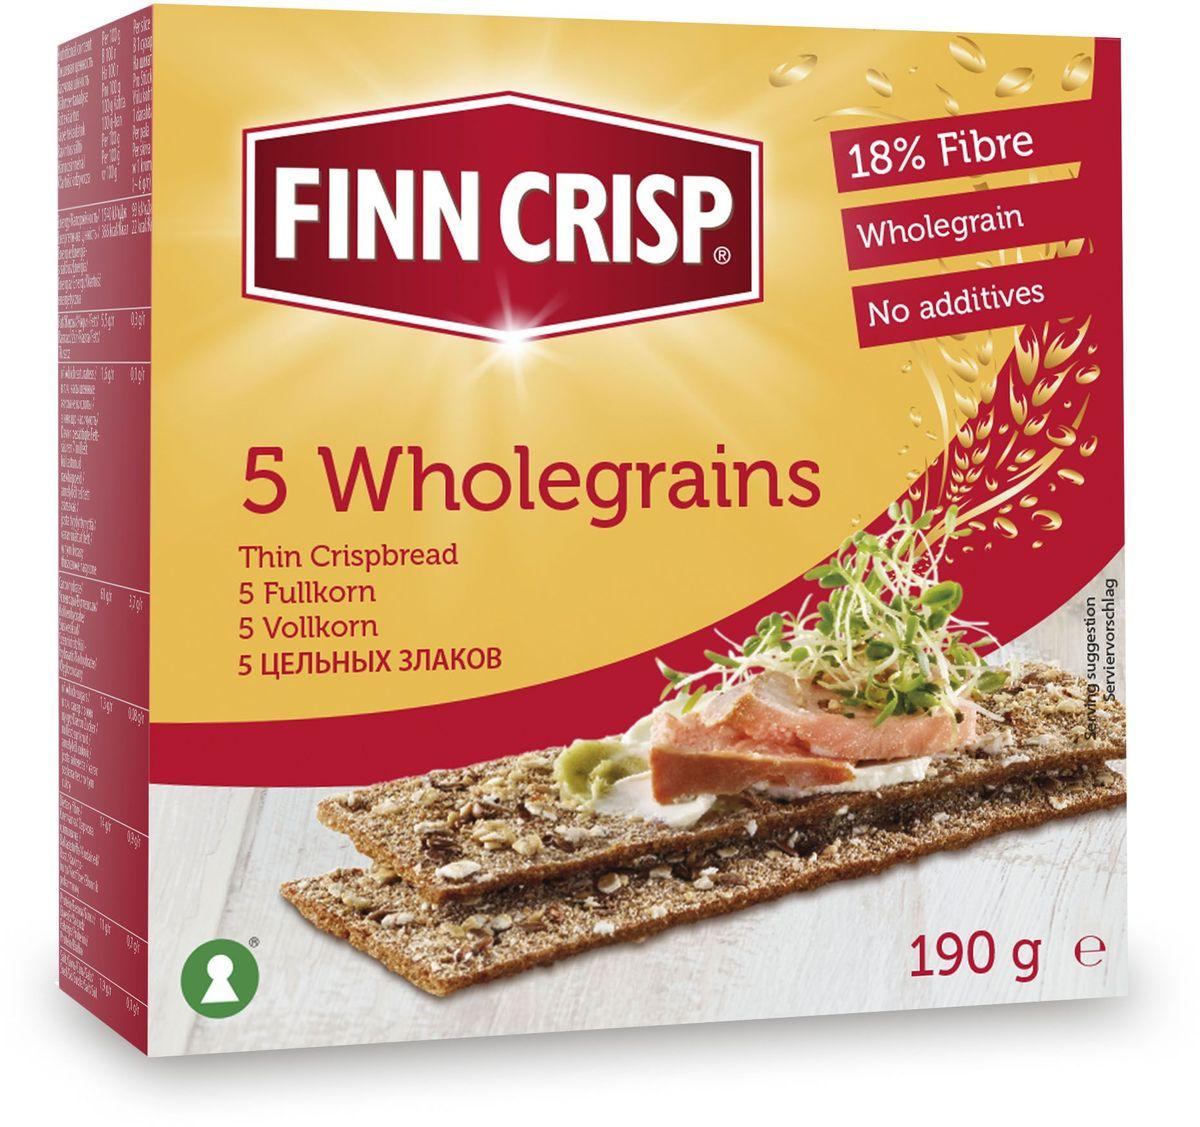 Finn Crisp 5 Wholegrain хлебцы 5 цельных злаков, 190 г20245В 1952 году началось производство сухариков FINN CRISP (ФИНН КРИСП), когда стартовали Олимпийские Игры в Хельсинки (Финляндия).Многие годы натуральные ржаные сухарики FINN CRISP отражают дух Финляндии для миллионов покупателей по всему миру, заботящихся о здоровом питании. Высушивать хлеб - давняя финская традиция и FINN CRISP до сих пор придерживаются этой традиции создавая хлебцы по старому классическому финскому рецепту.Бренд FINN CRISP принадлежит компании VAASAN Group's.VAASAN - это крупнейшая хлебопекарная компания в Балтийском регионе со столетней историей, занимающаяся производством продукции для правильного и здорового питания. Занимающая второе место по производству сухариков и хлебцев, а её продукция экспортируются в более чем 50 государств!